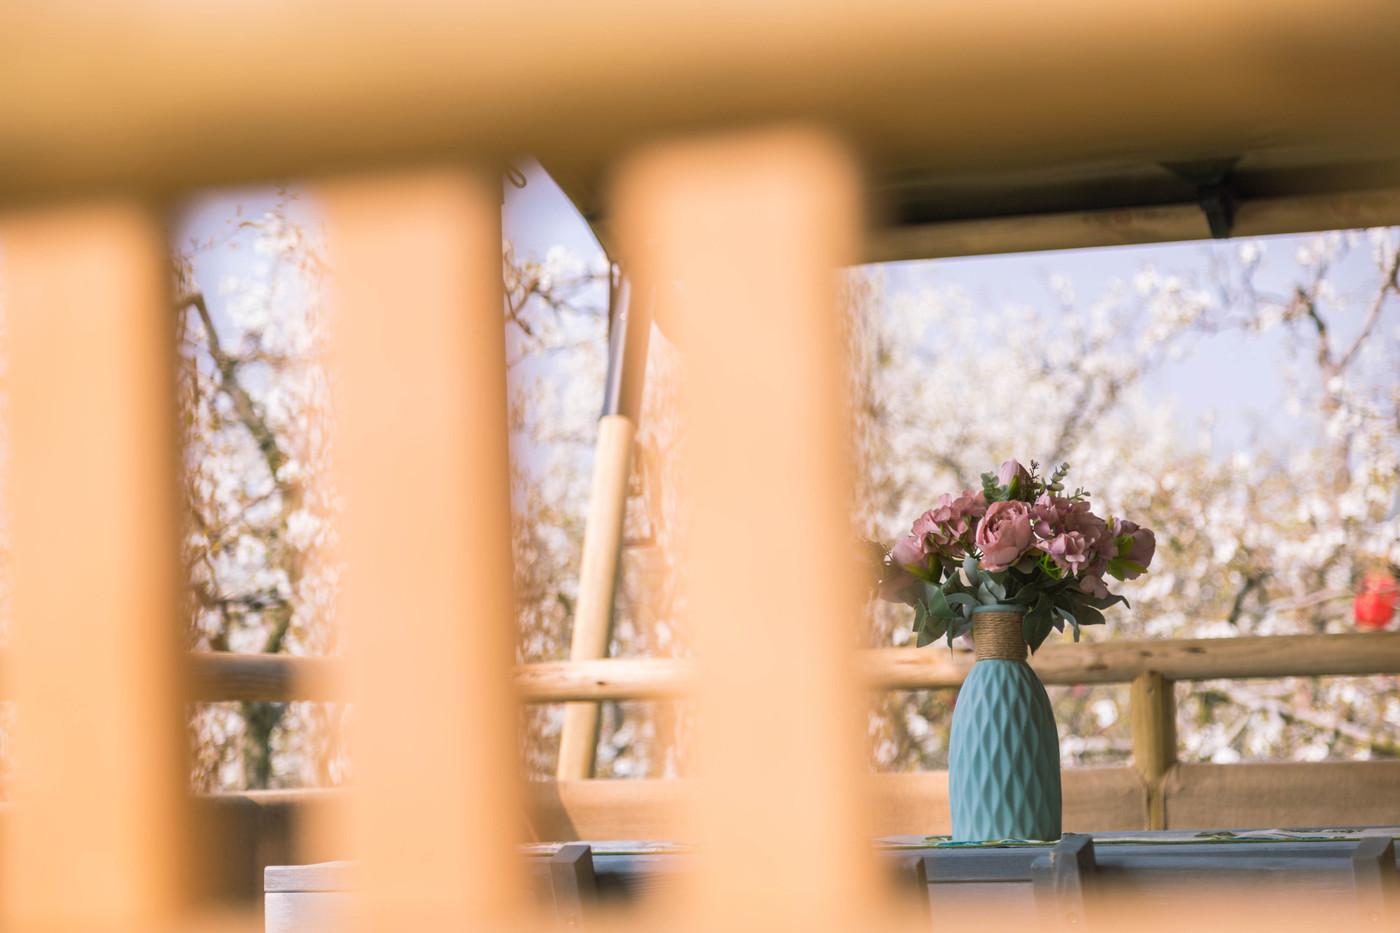 喜马拉雅野奢帐篷酒店—安徽砀山东篱蓬芦(梨园78平)5